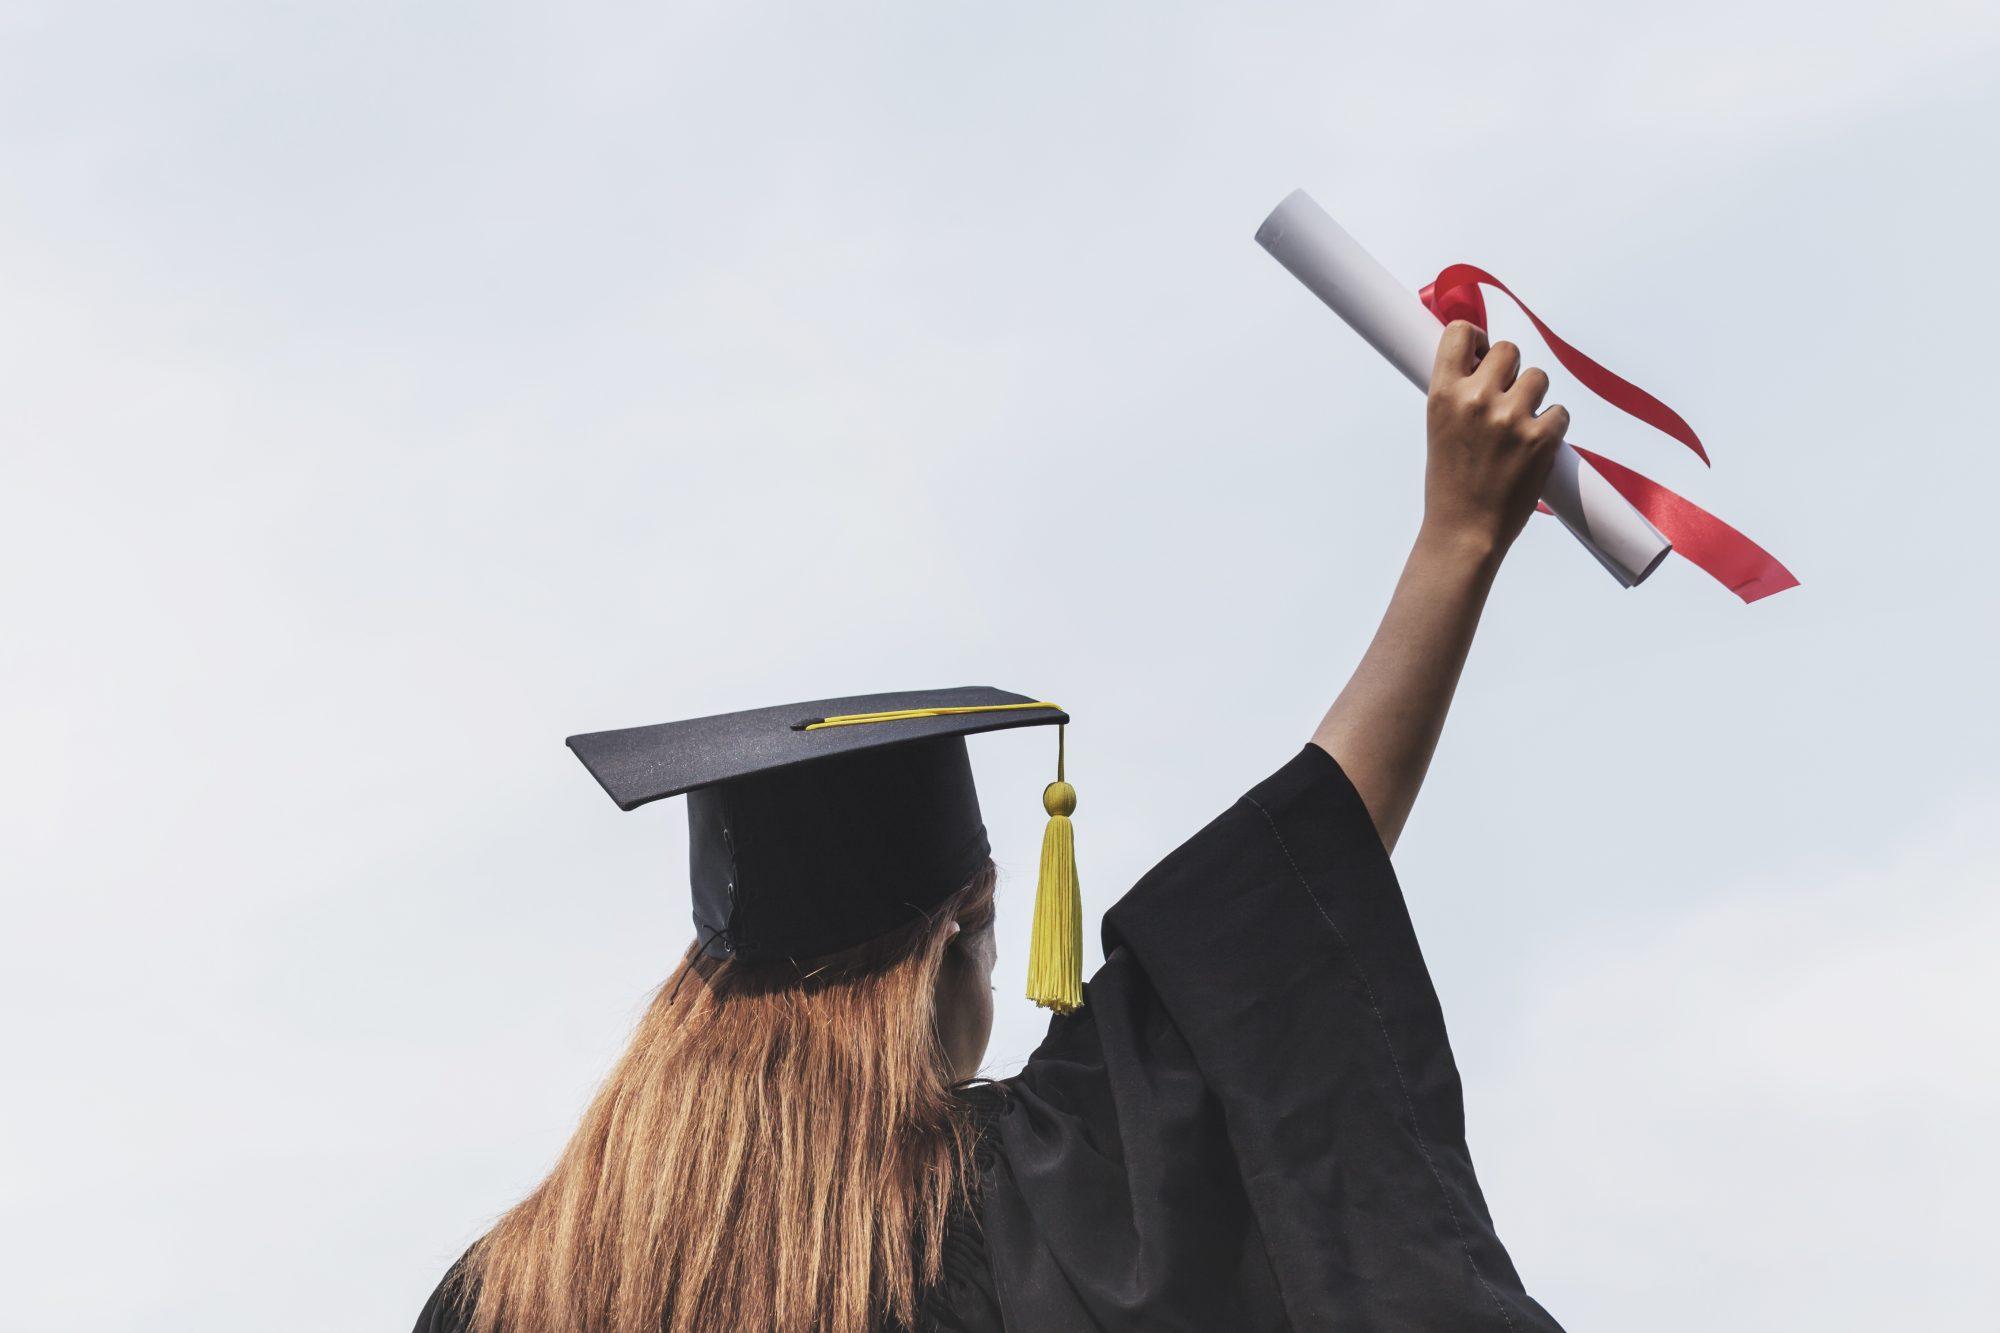 Regalos belleza graduadas